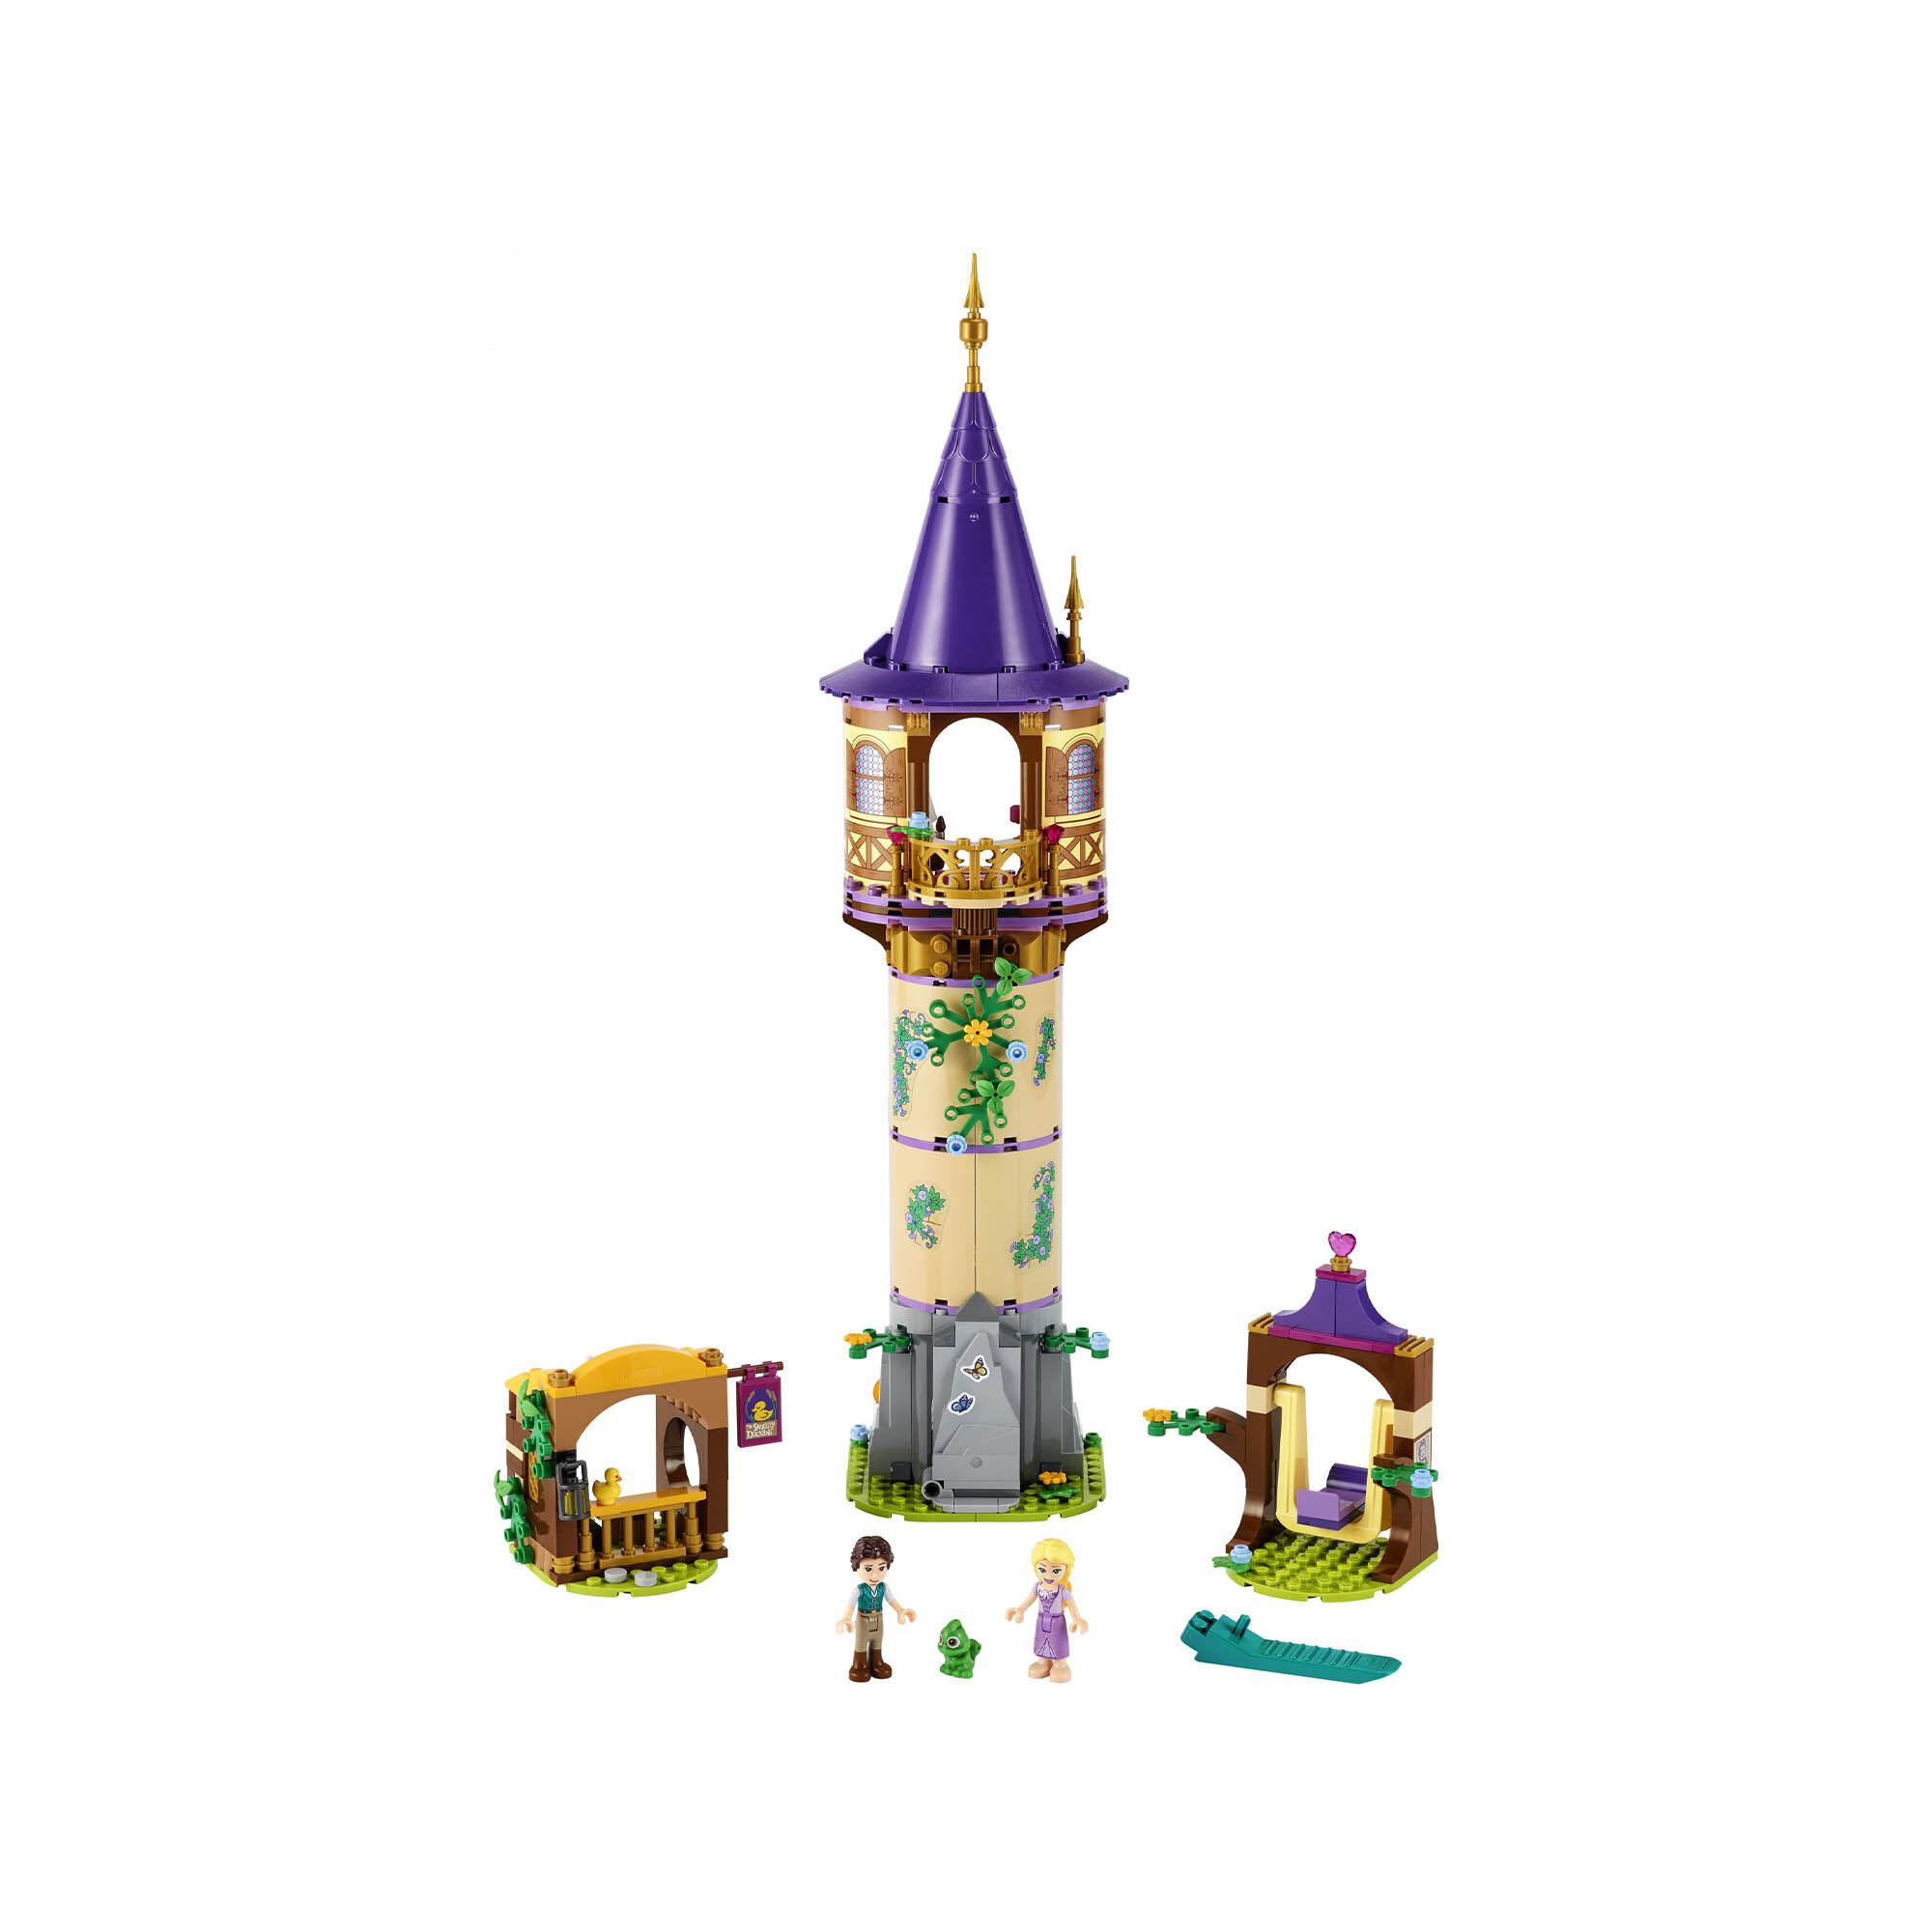 La tour de Raiponce 43187, , large